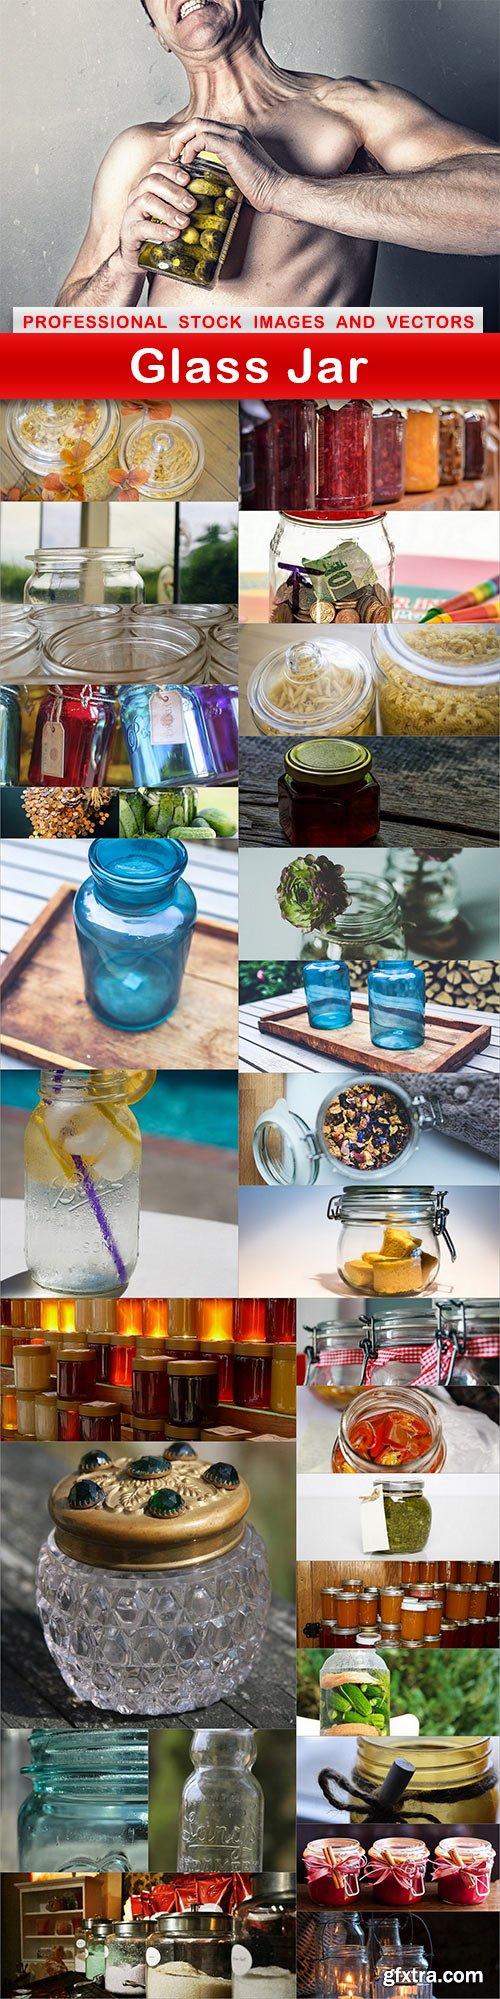 Glass Jar - 30 UHQ JPEG